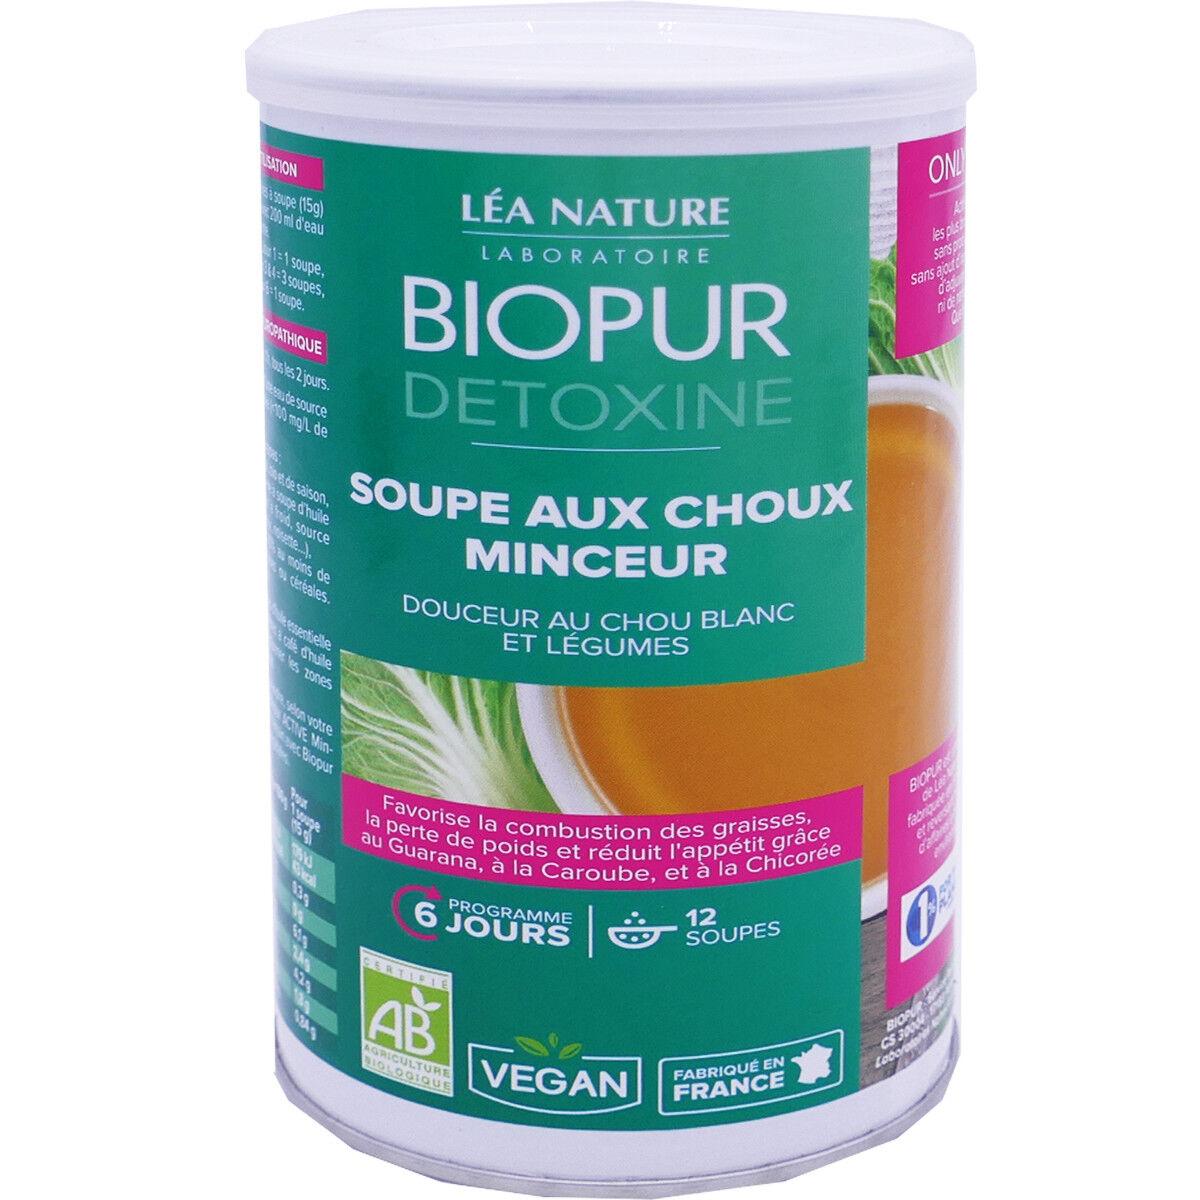 LEA NATURE Biopur detoxine 12 soupes aux choux minceur 180 g bio